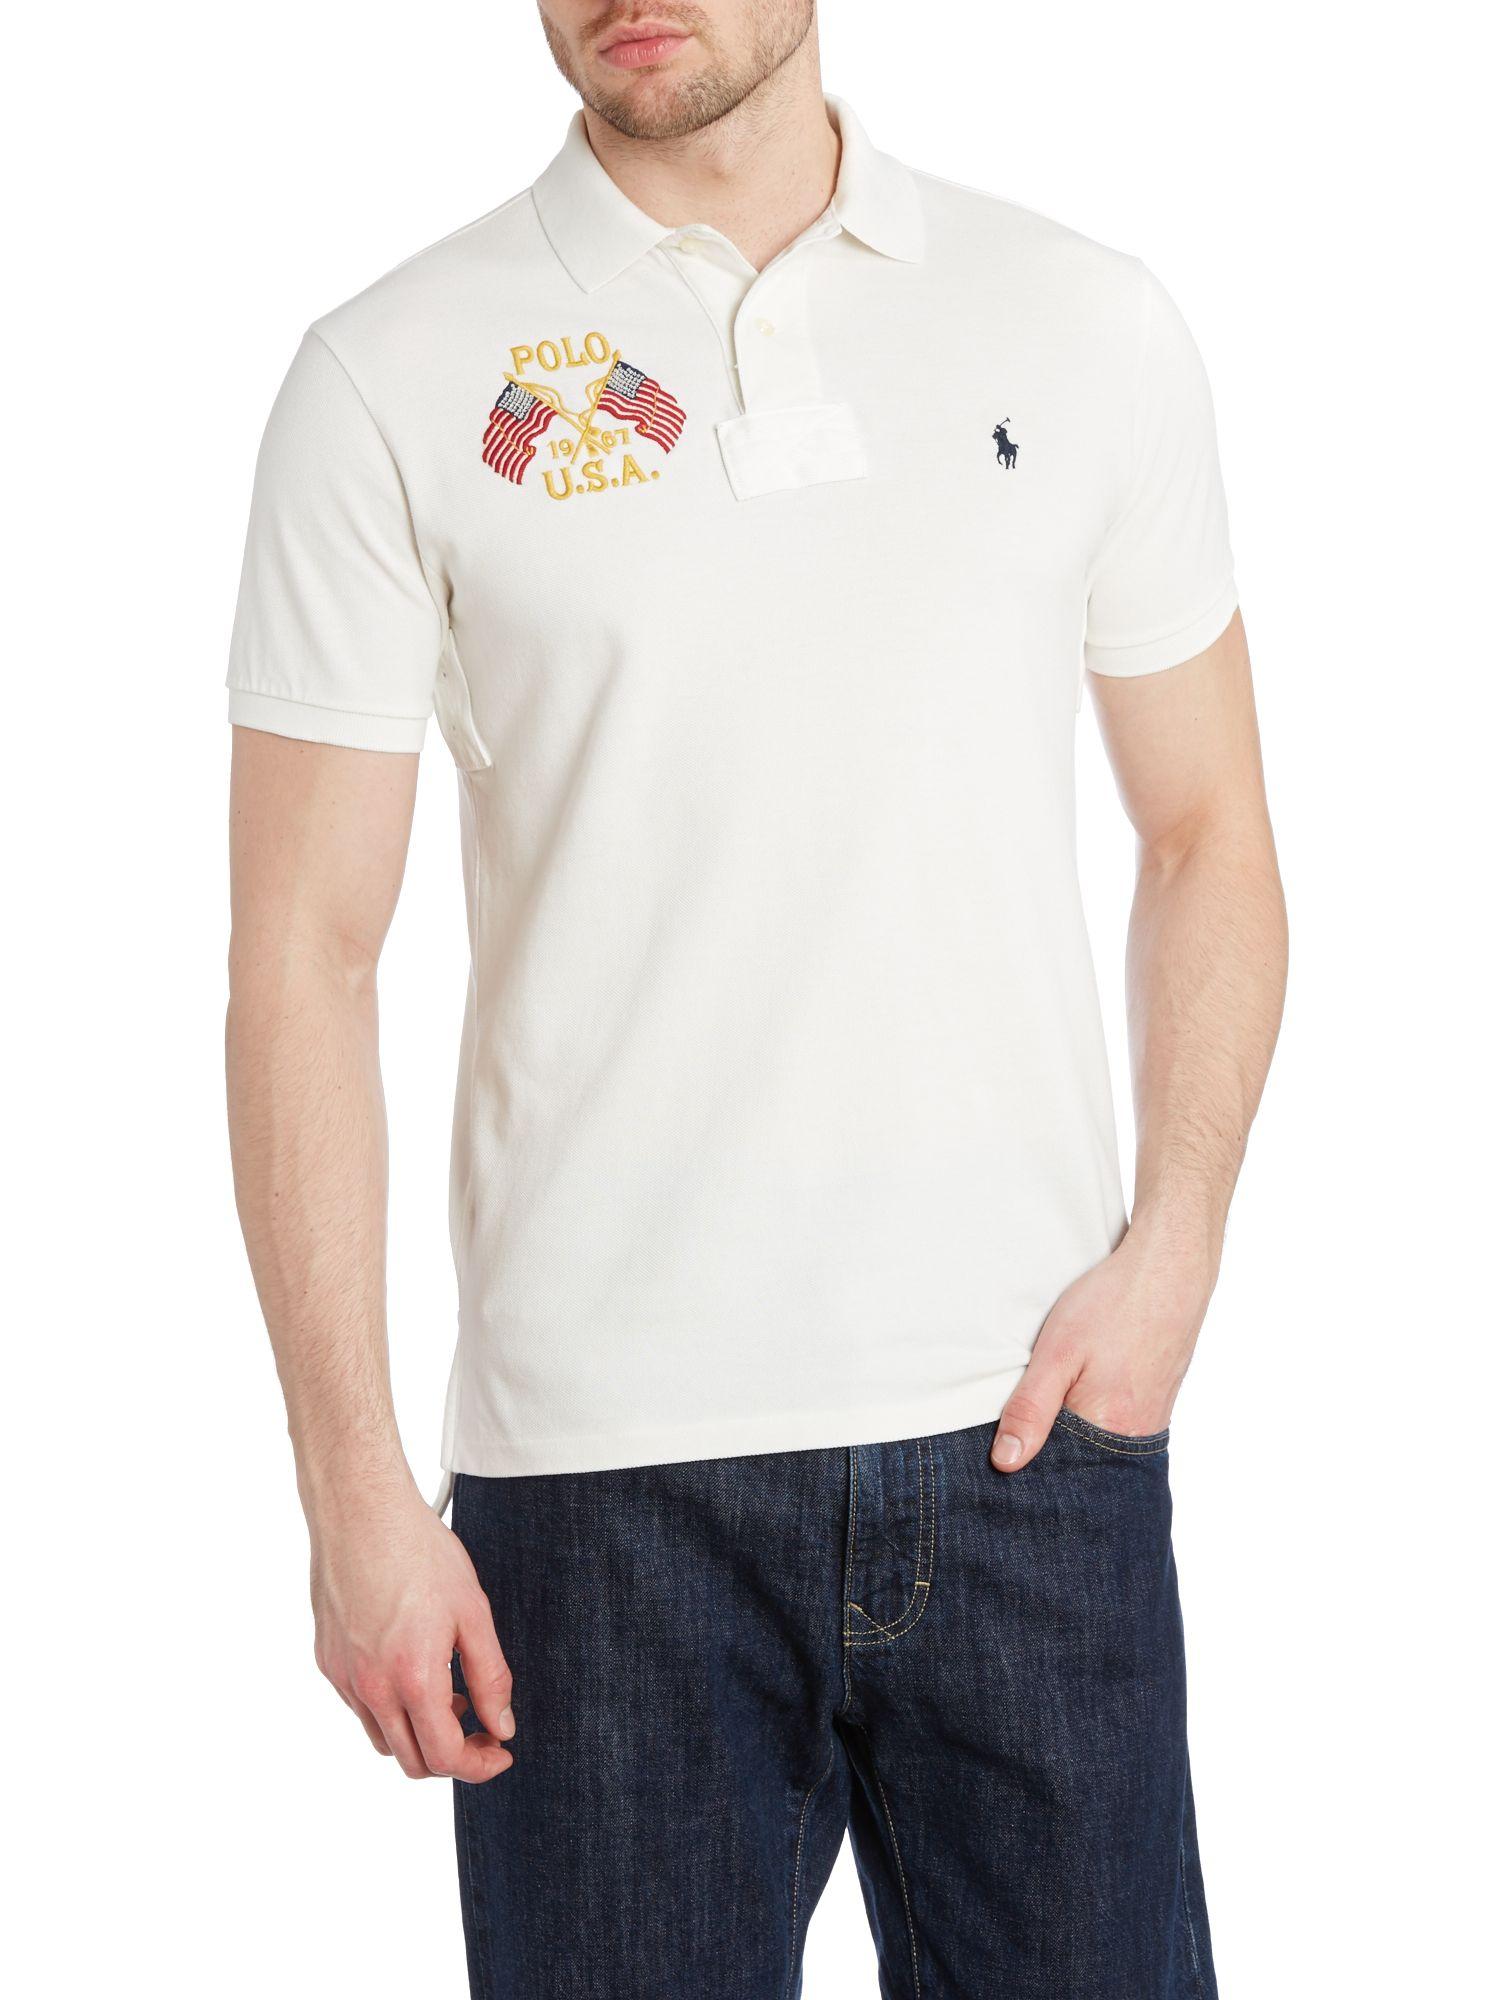 Polo Ralph Lauren White Custom Fit Short Sleeve Mesh W